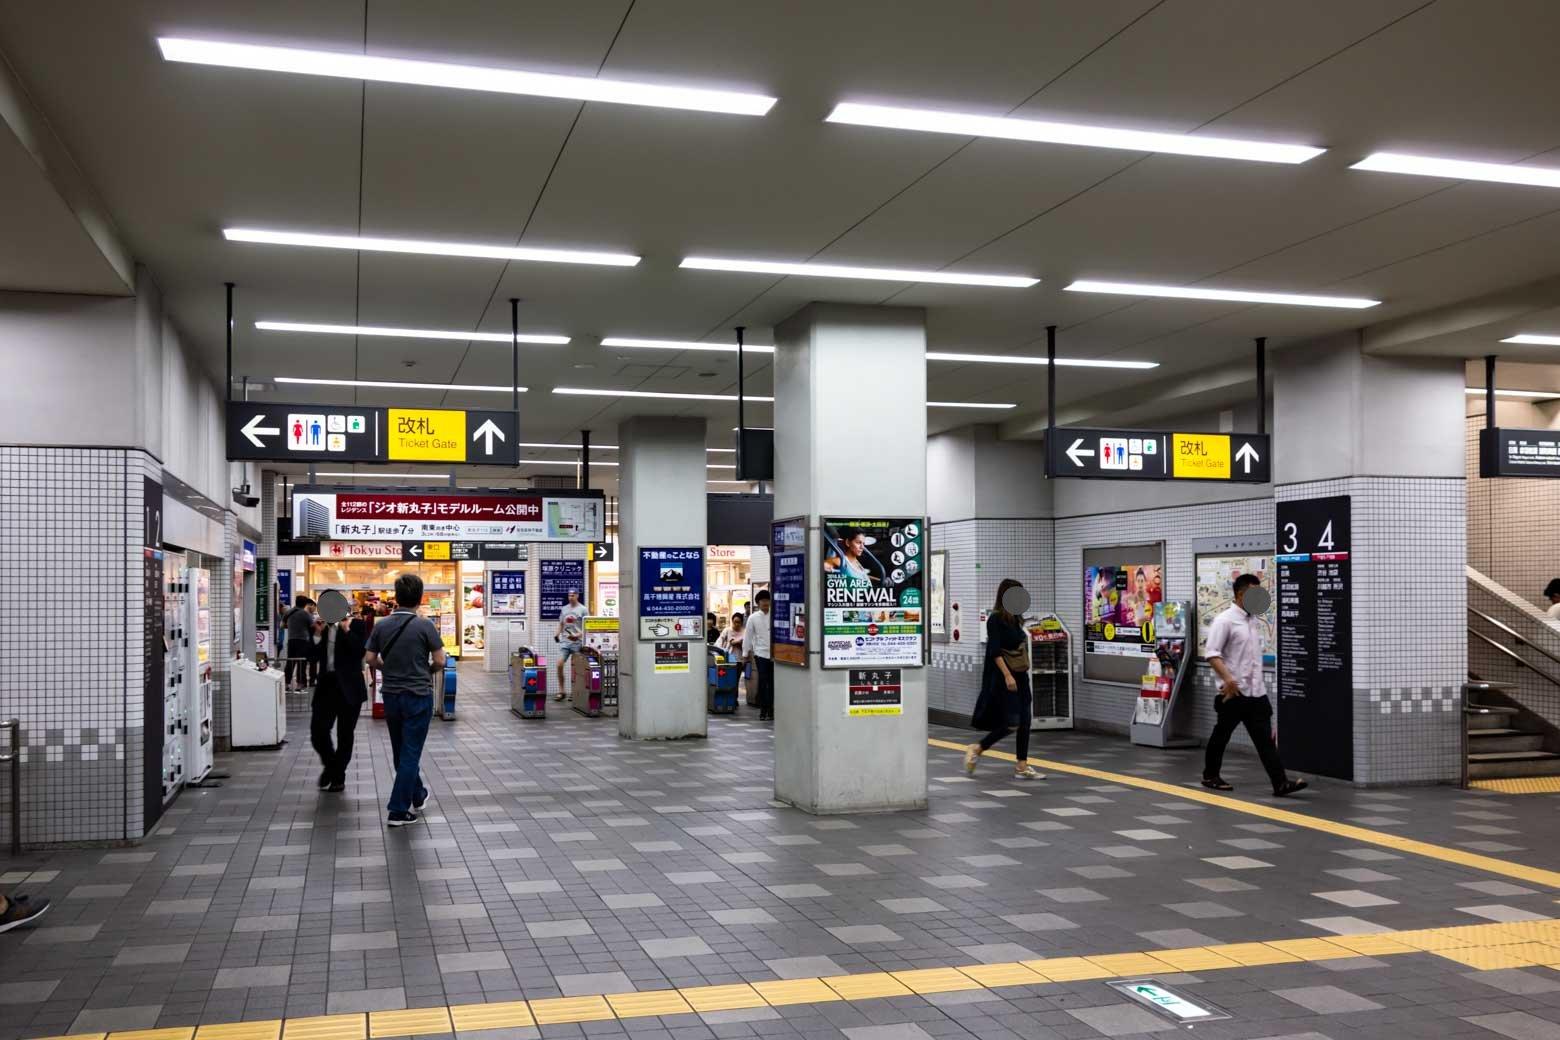 駅に24時間営業してる東急ストアが入っています。帰宅が遅くなってしまっても安心ですね。